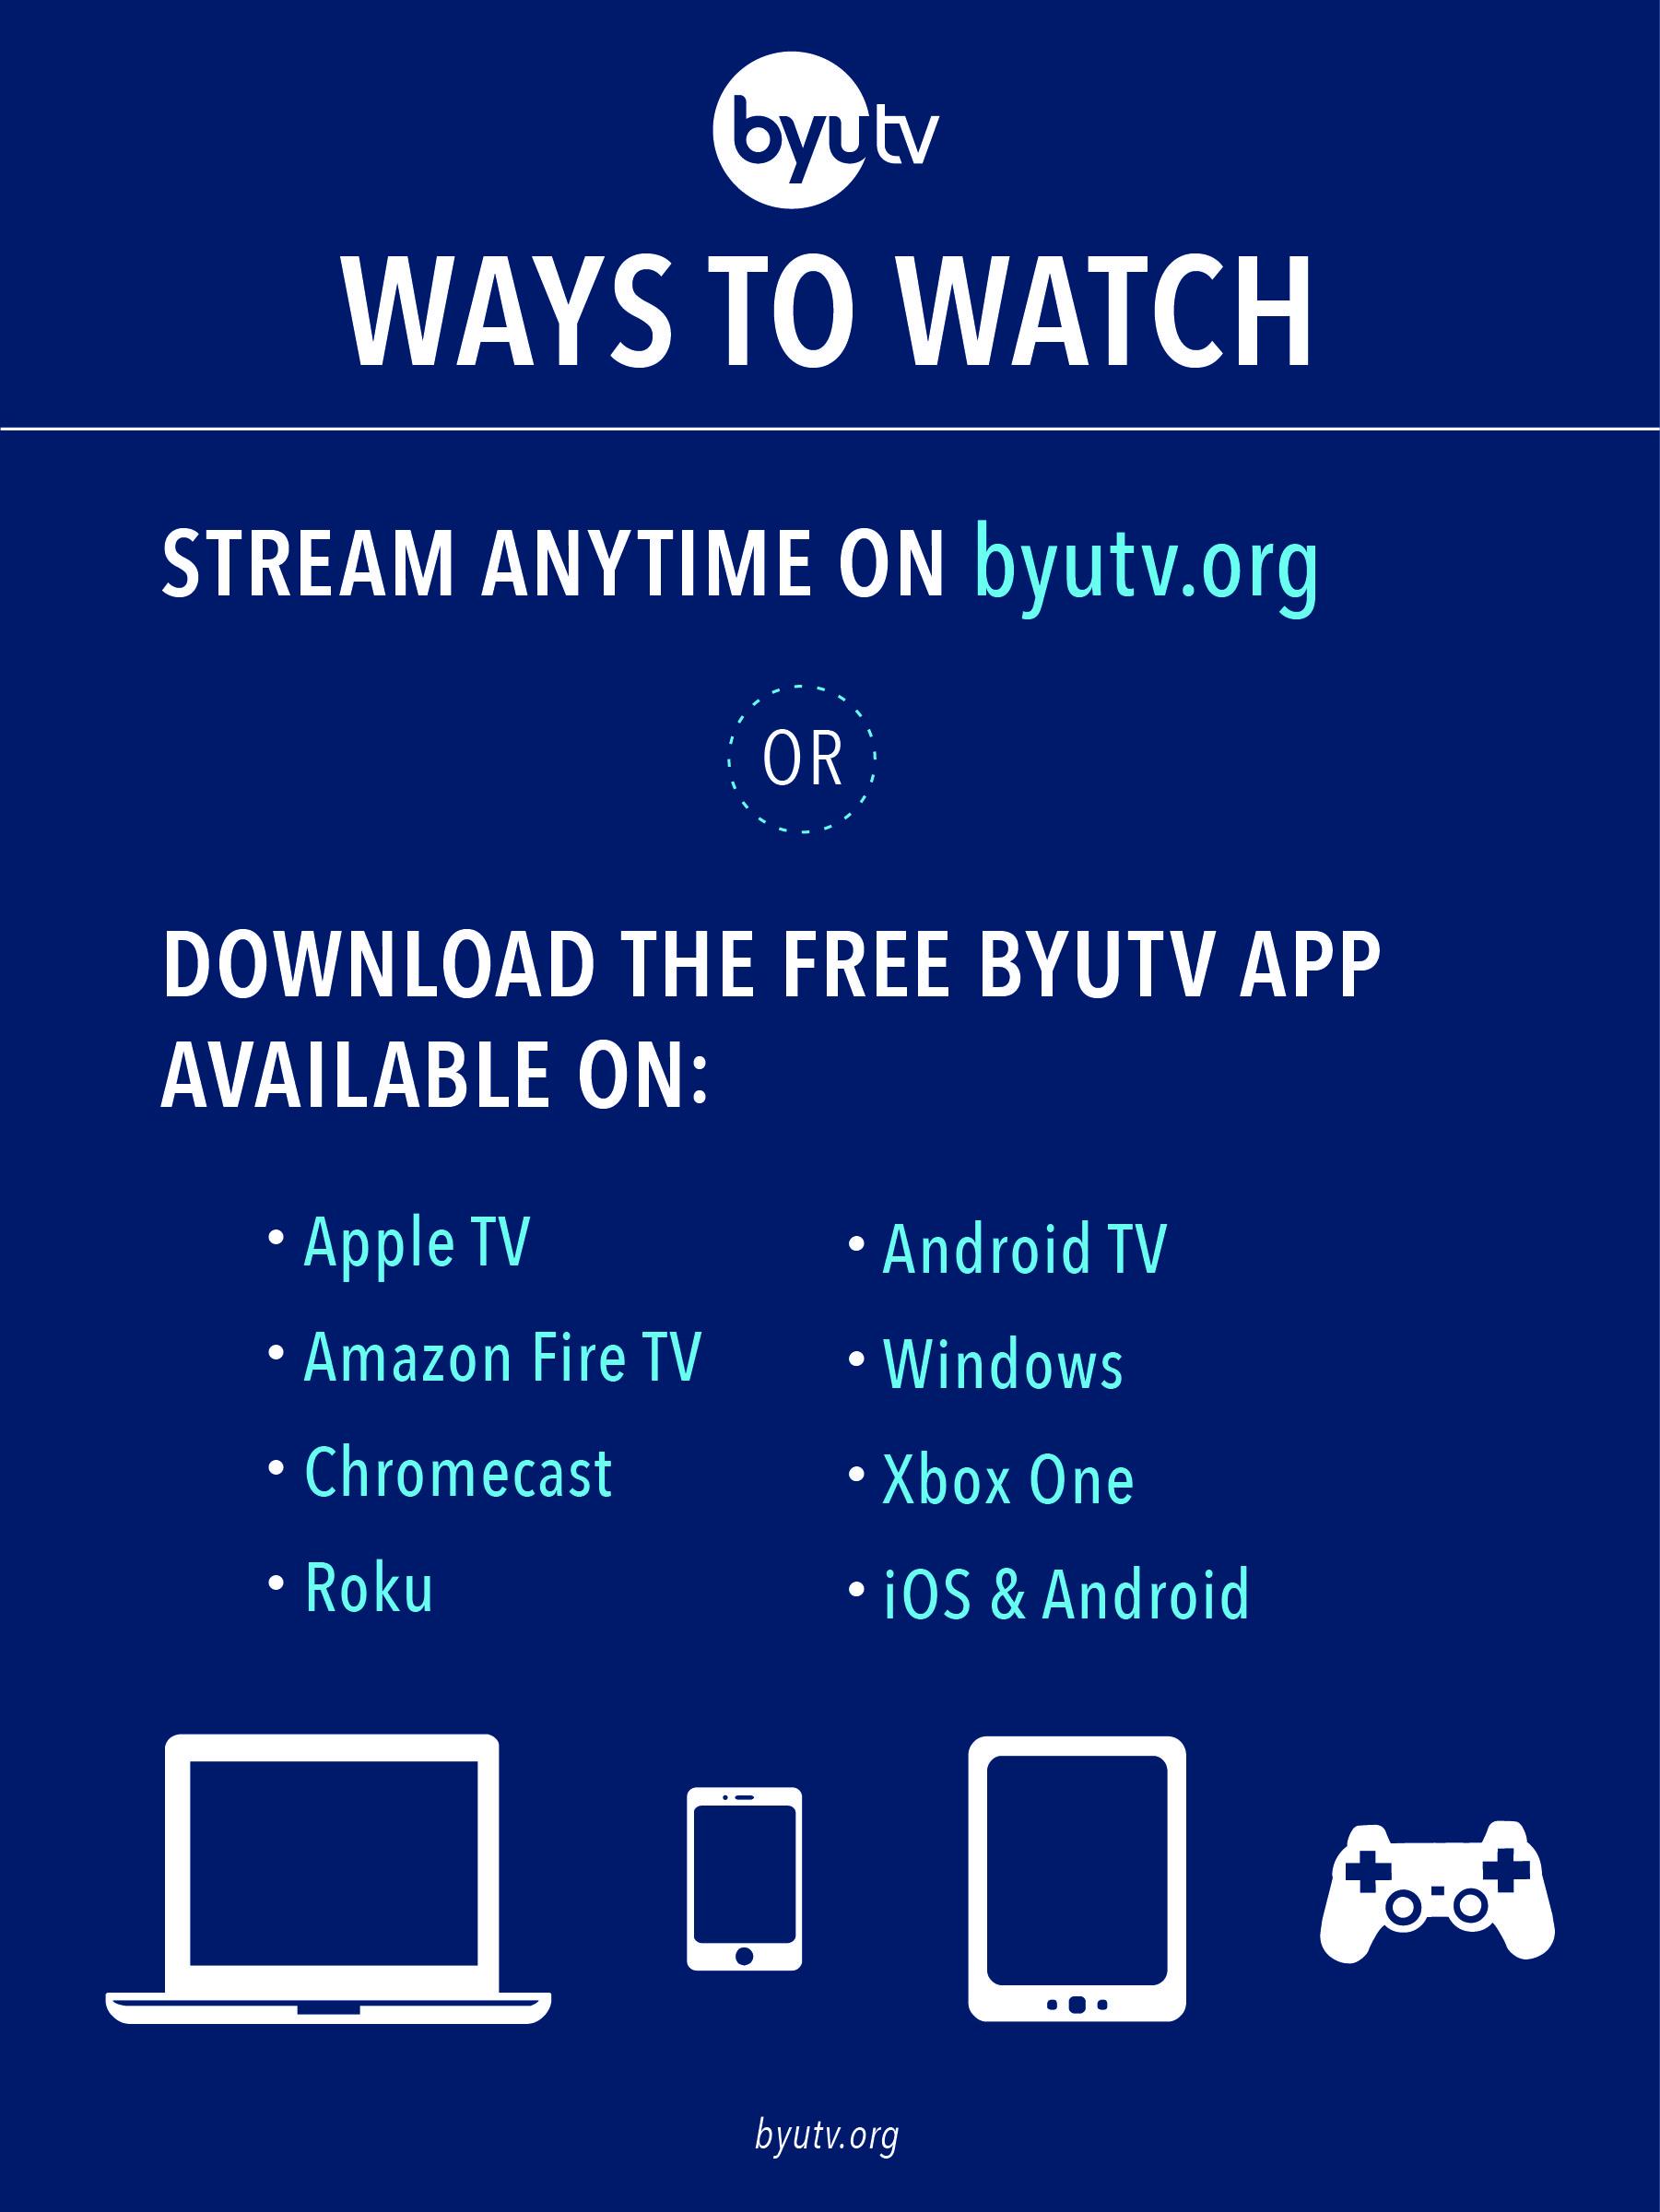 How to Watch BYUtv - BYUtv